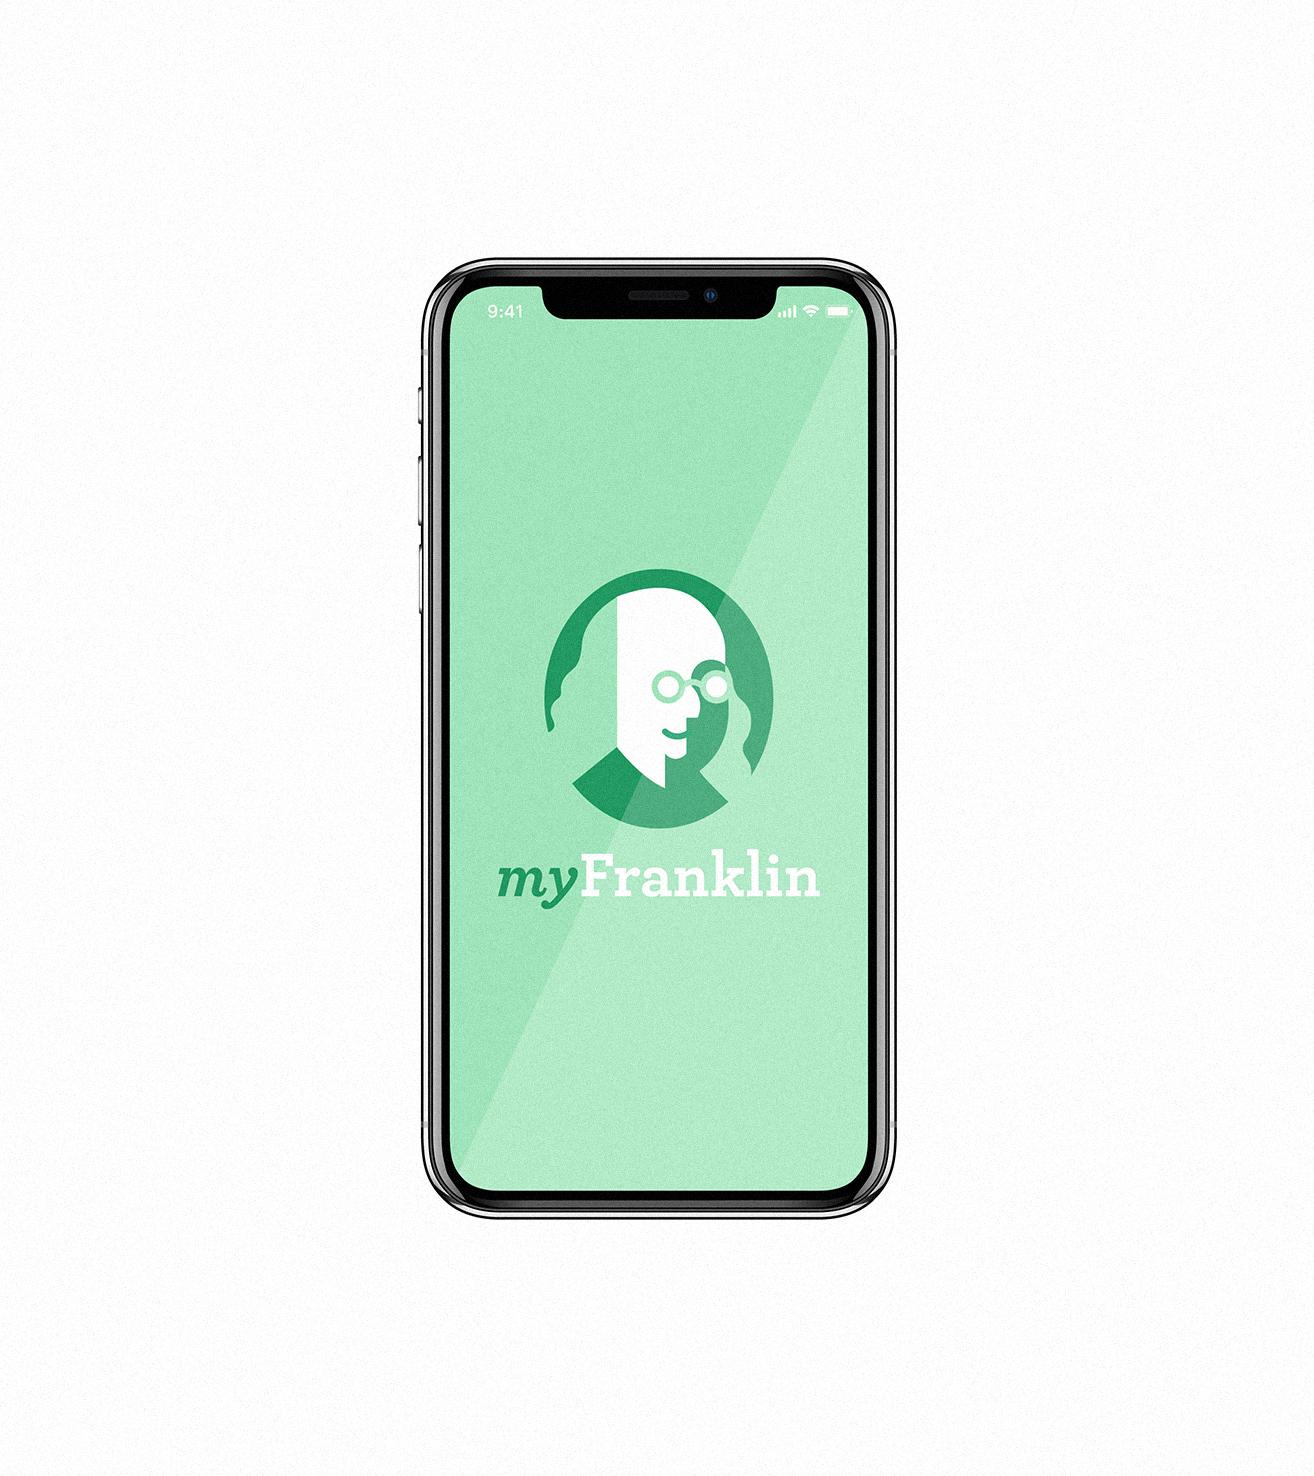 MGS_Franklin_005